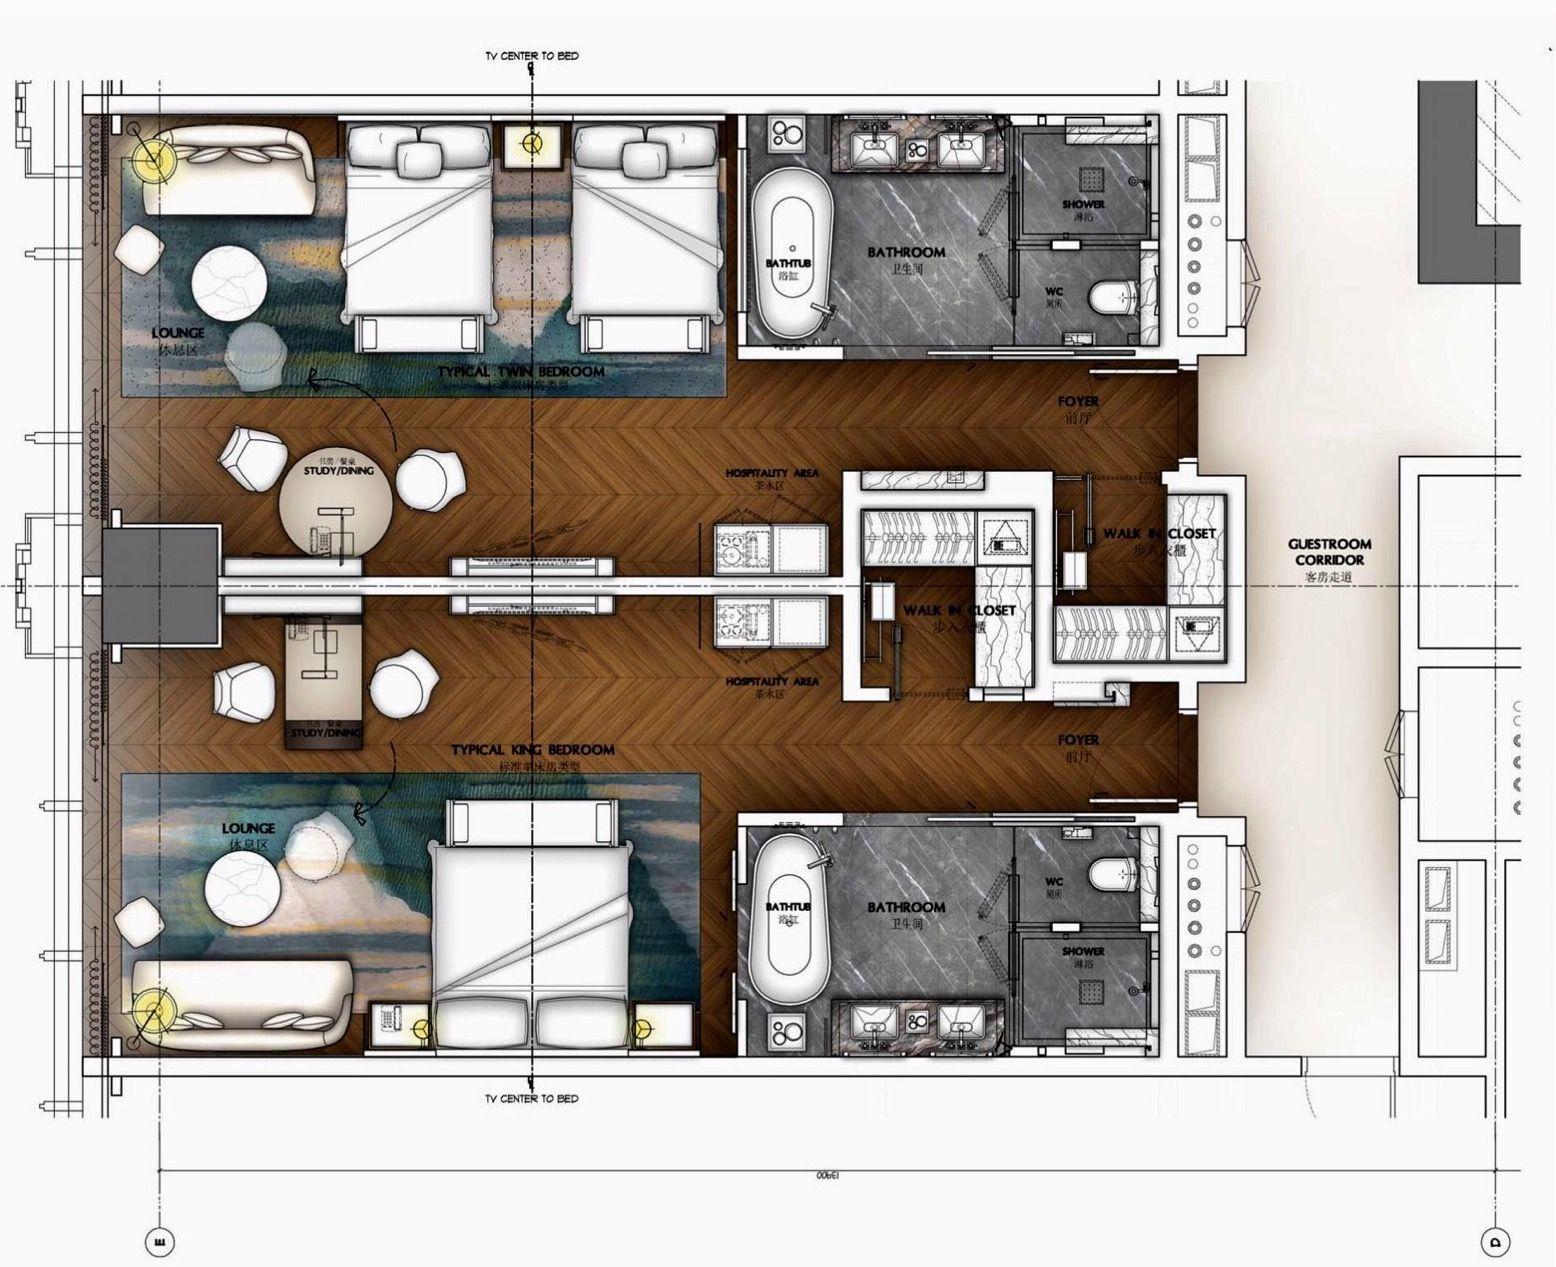 Hba Conrad Changsha Typical Guest Room 52 7 Sqm Hotel Room Design Plan Hotel Floor Plan Hotel Room Design